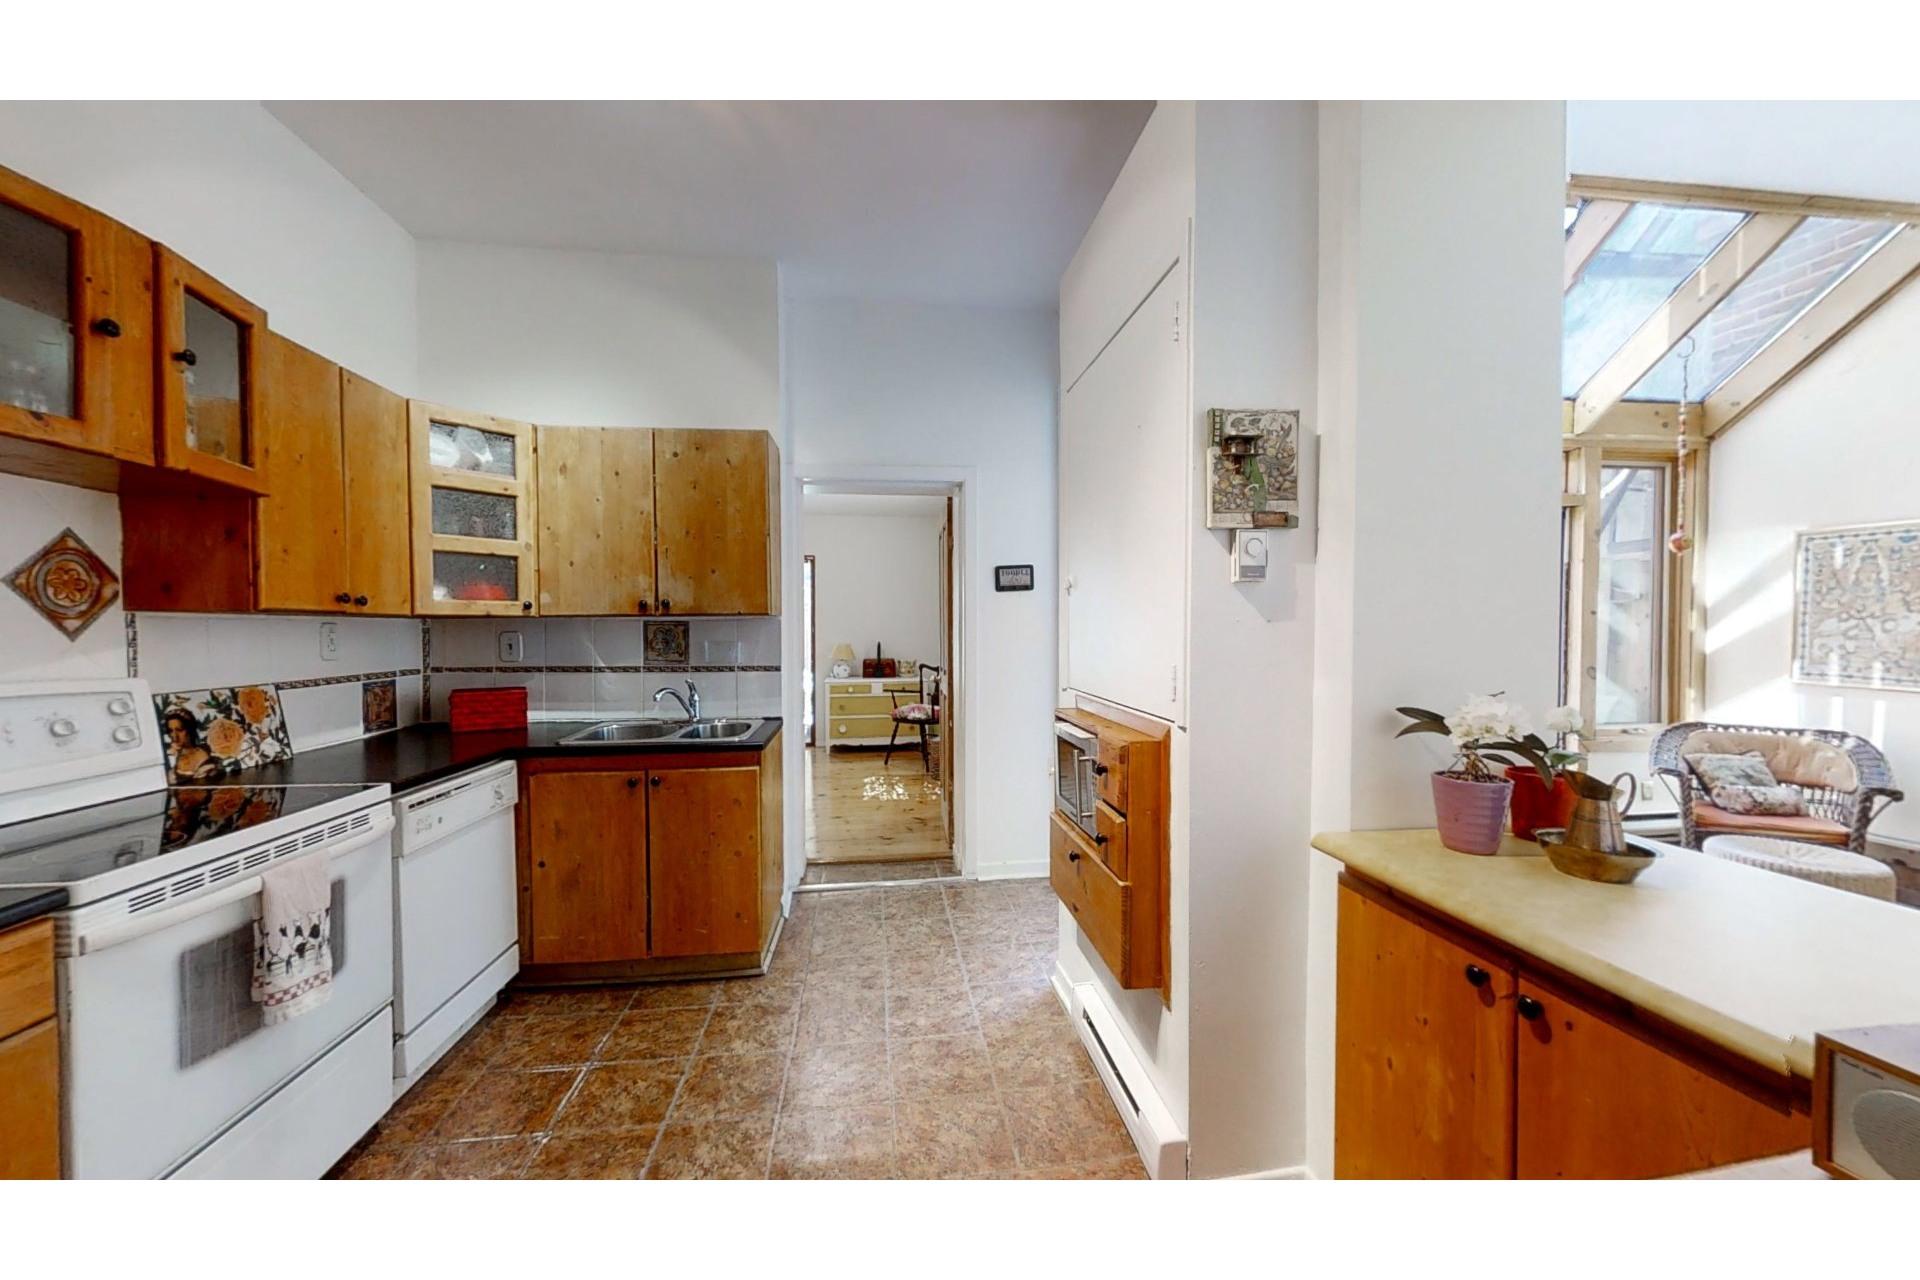 image 17 - Apartment For sale Ville-Marie Montréal  - 8 rooms